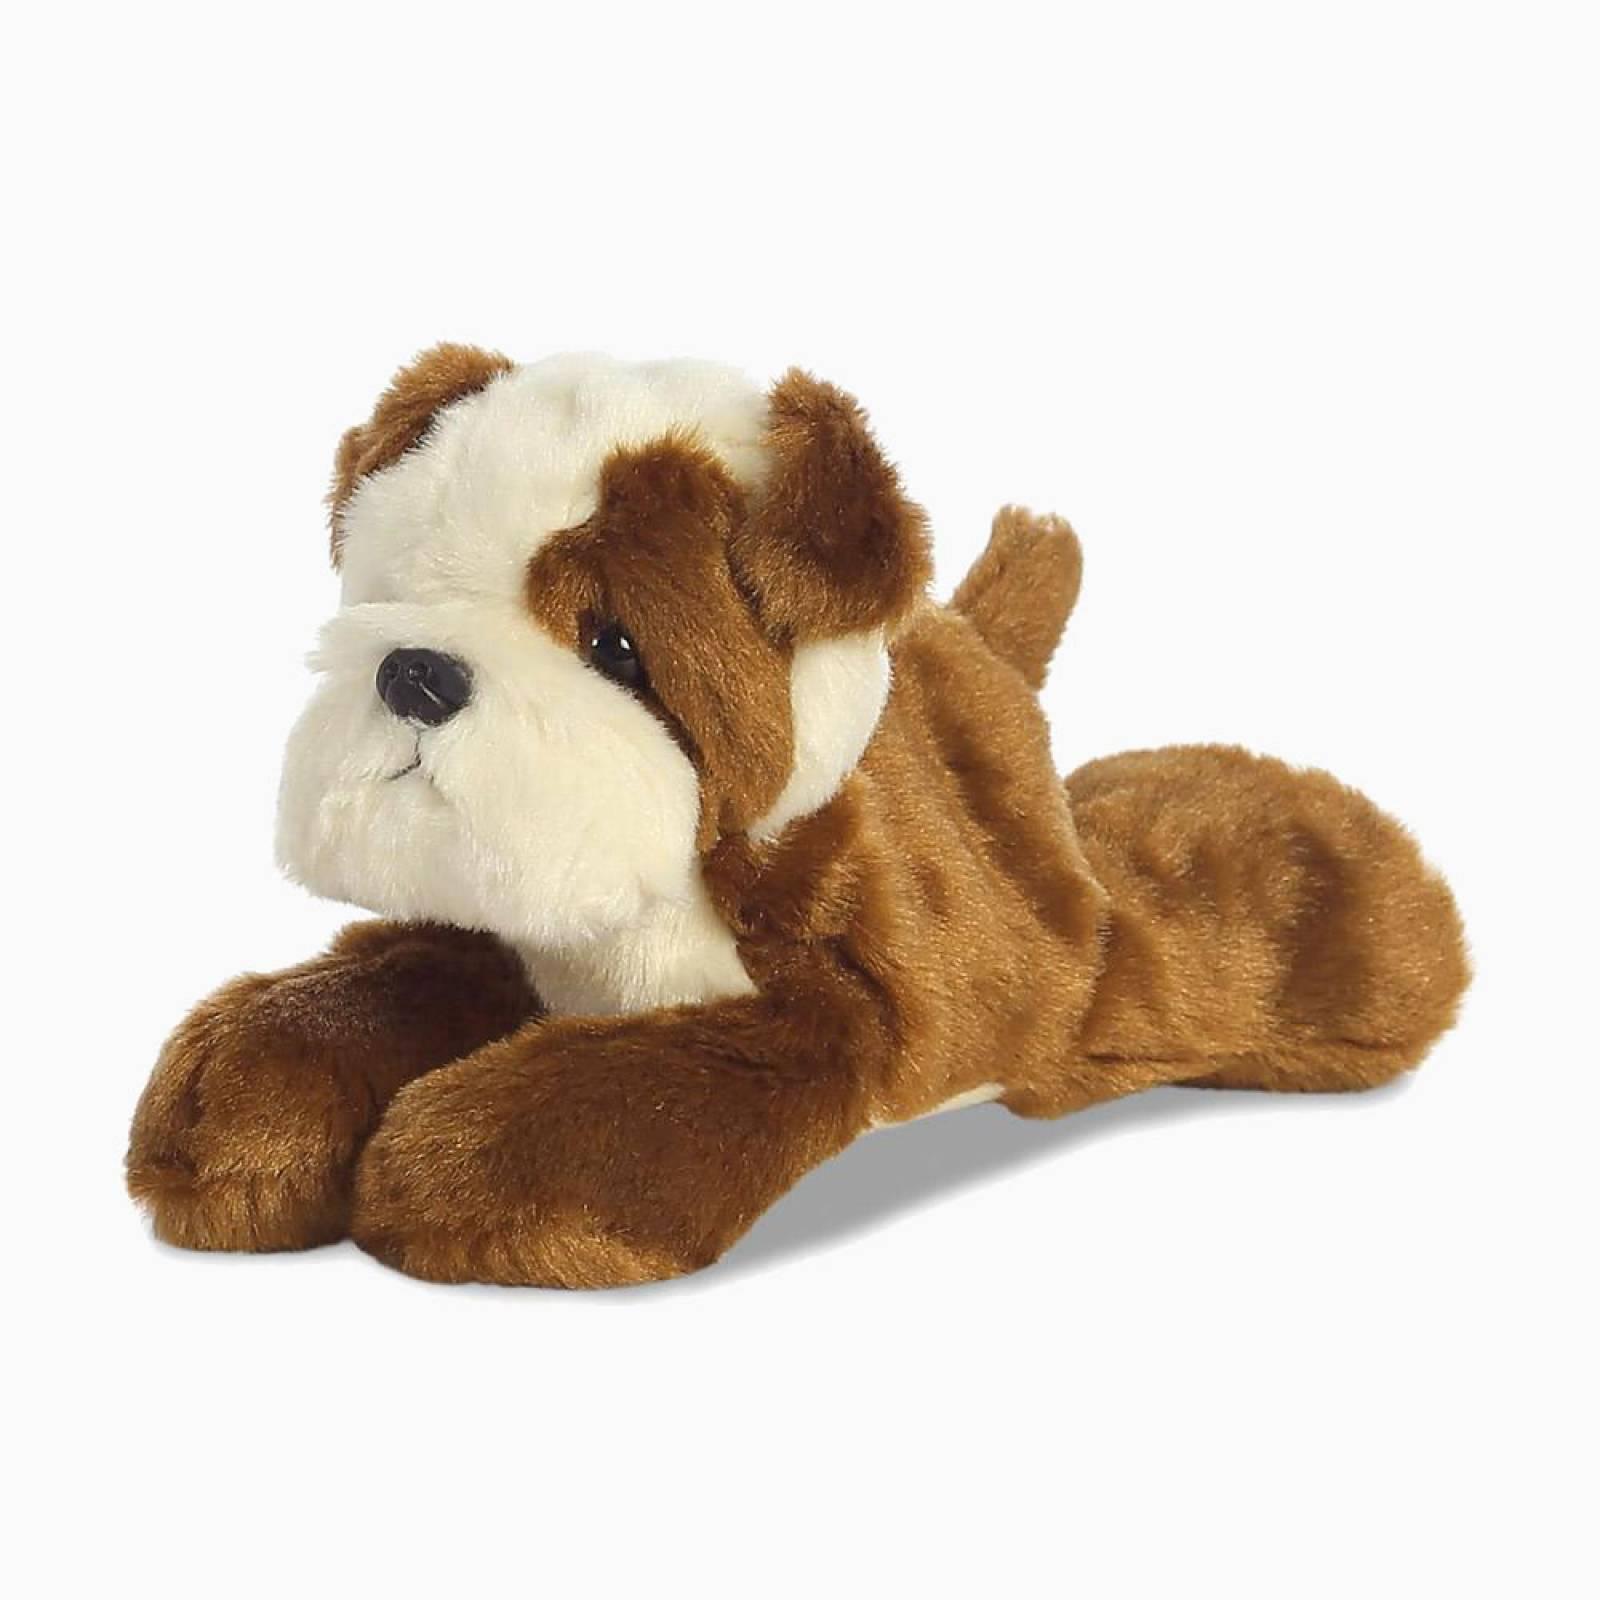 Bulldog Dog Mini Soft Toy 0+